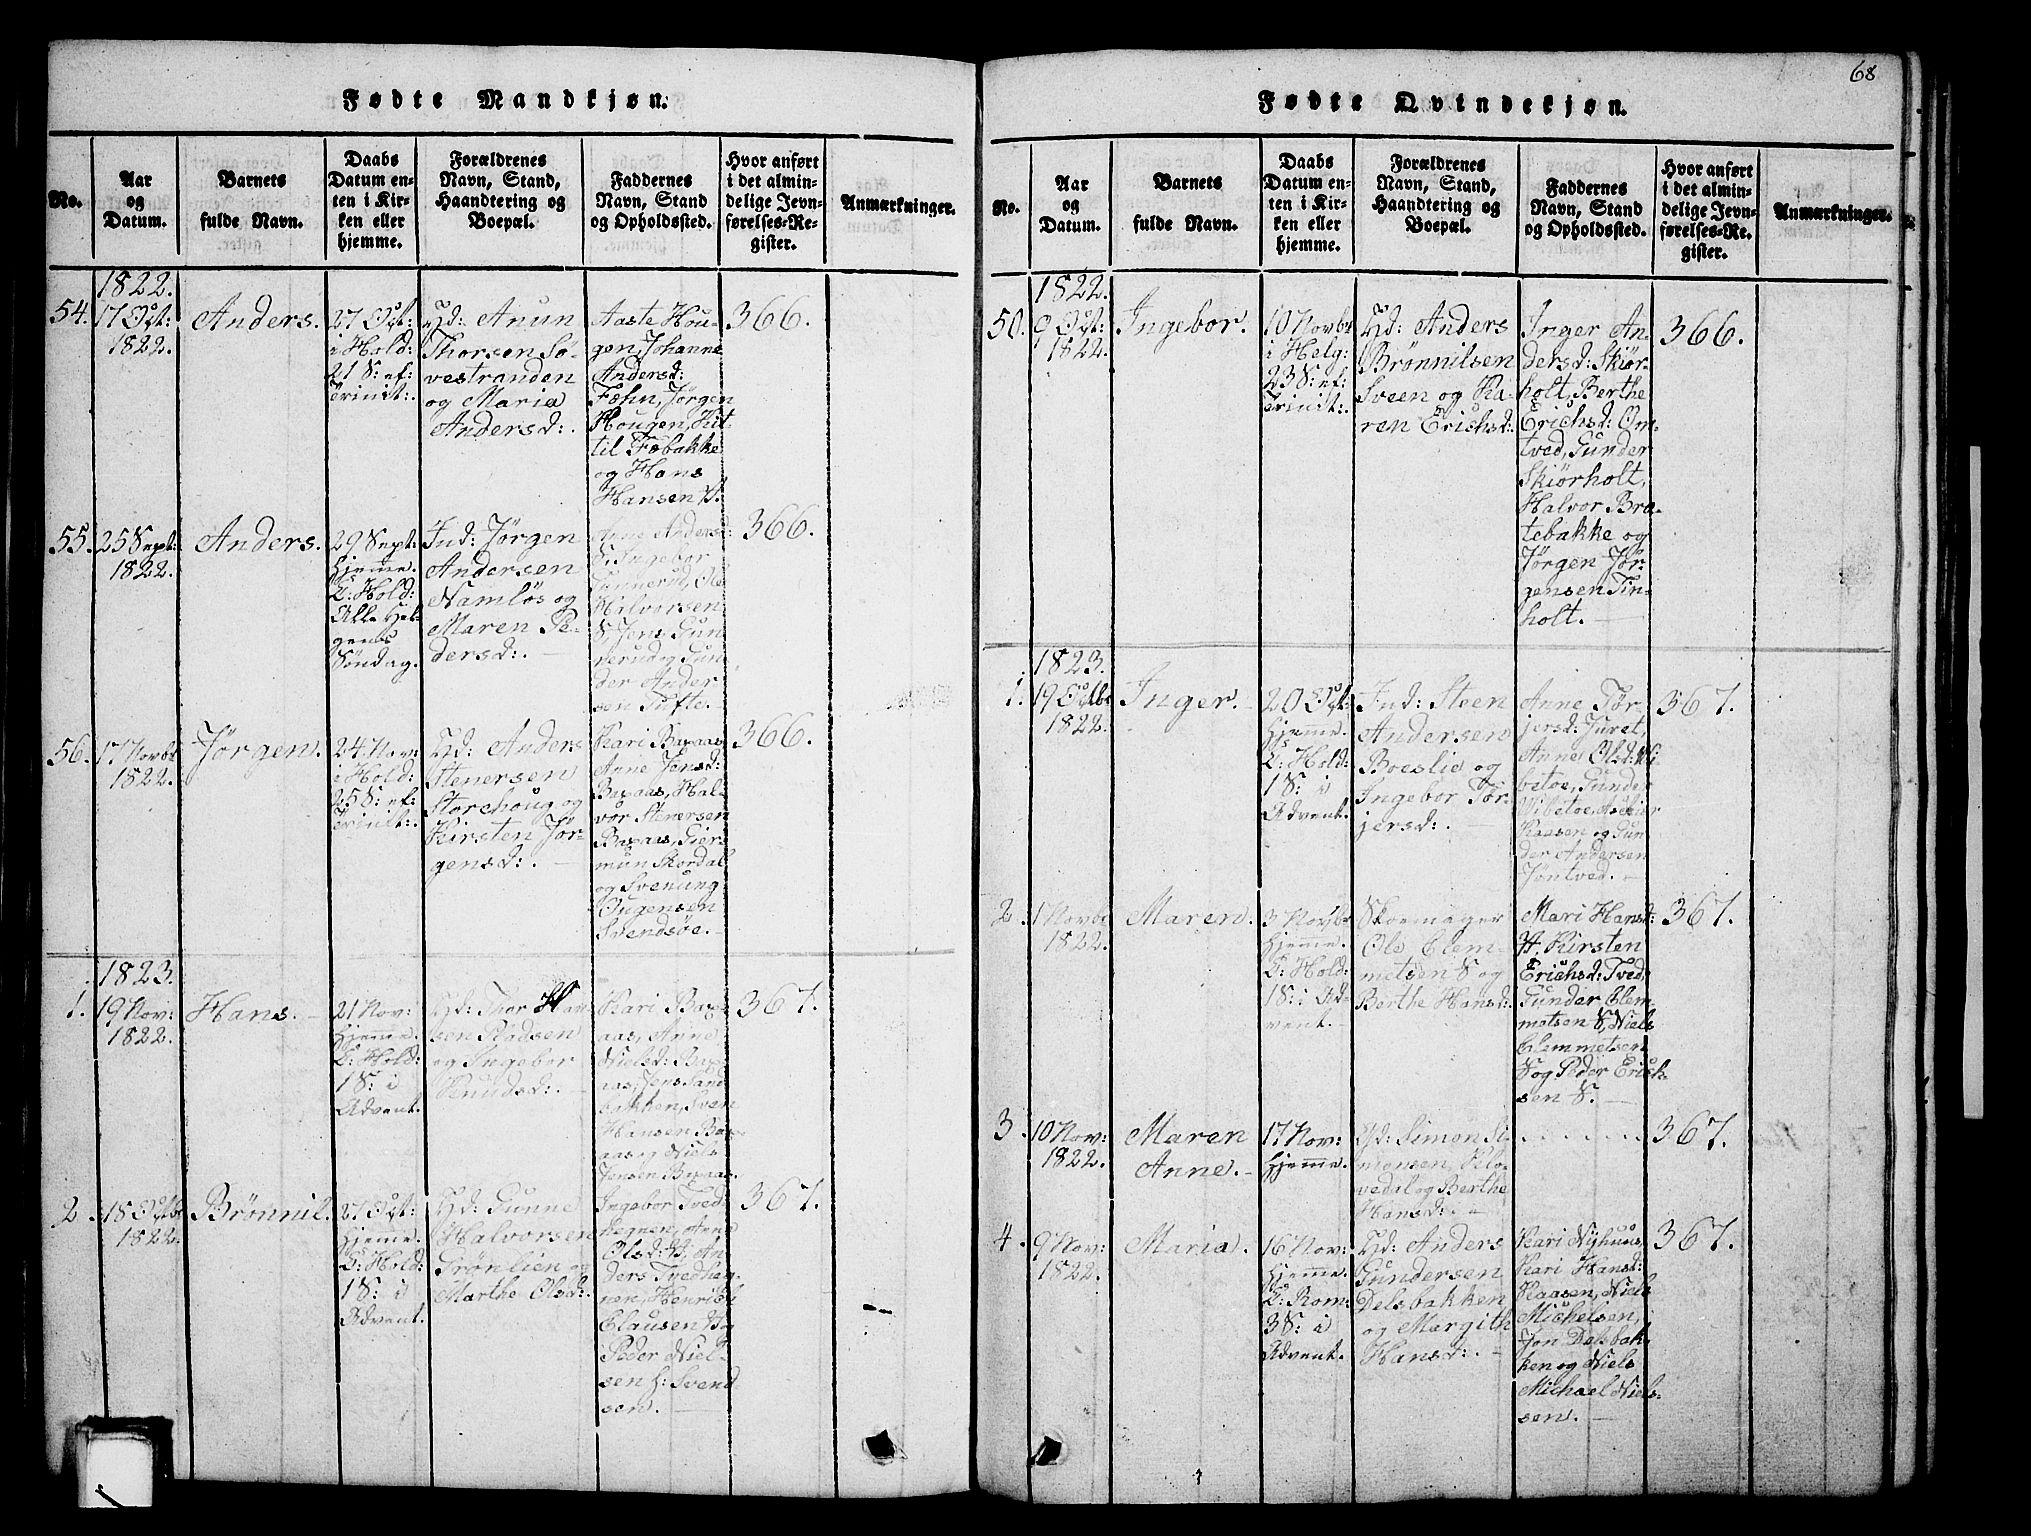 SAKO, Holla kirkebøker, G/Ga/L0001: Klokkerbok nr. I 1, 1814-1830, s. 68